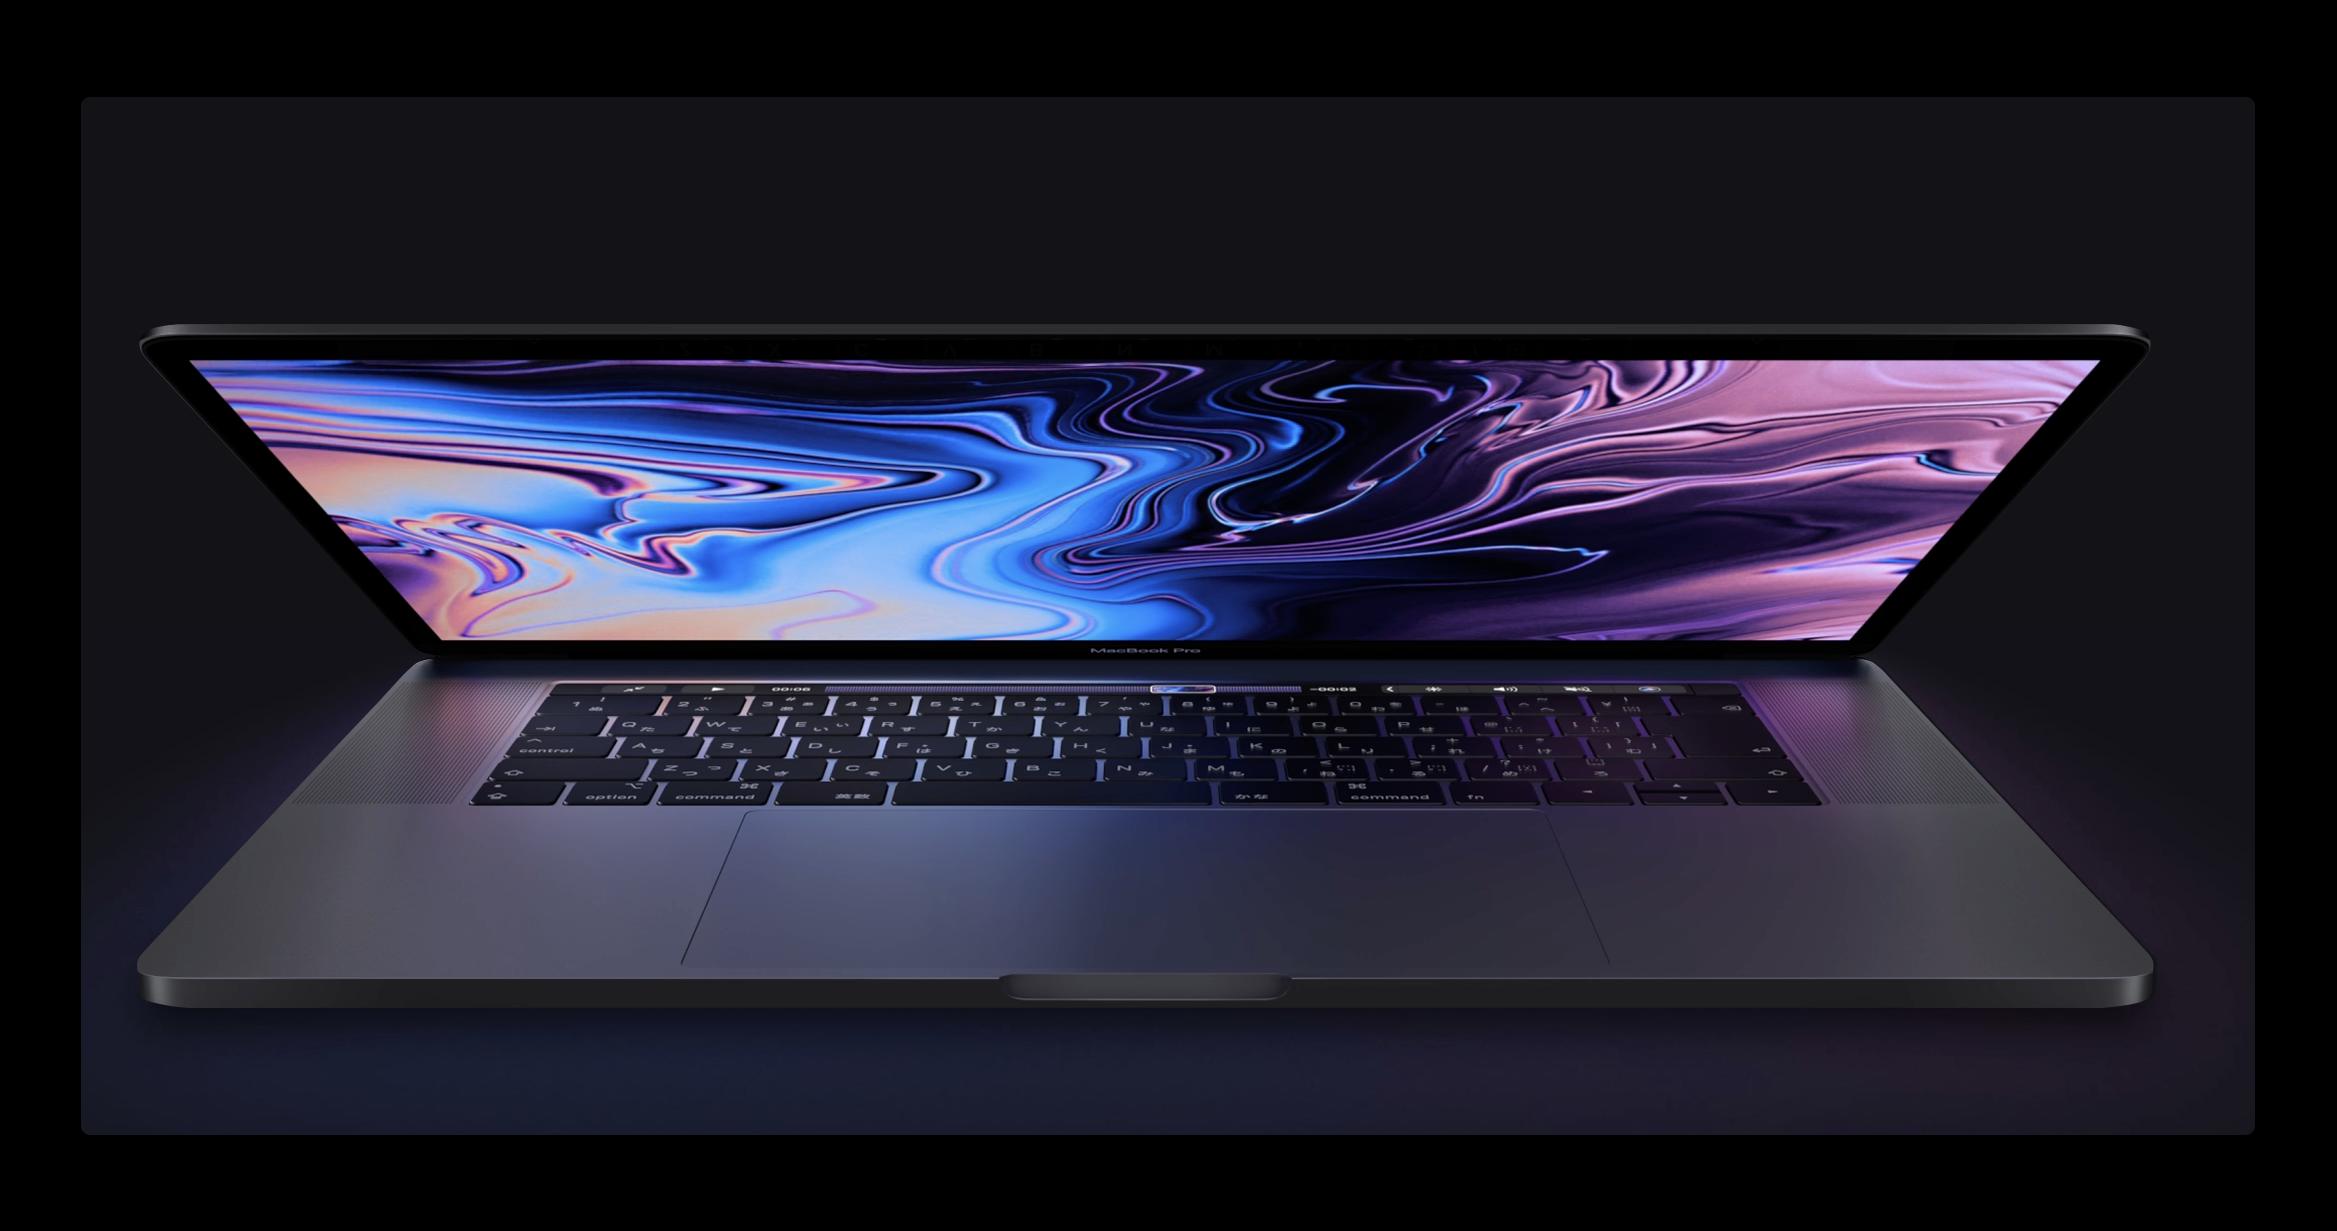 MacBoo Pro 2018 T2チップ搭載モデルは、Apple Configurator 2と別のMacを使用して復元する必要がある、その方法とは